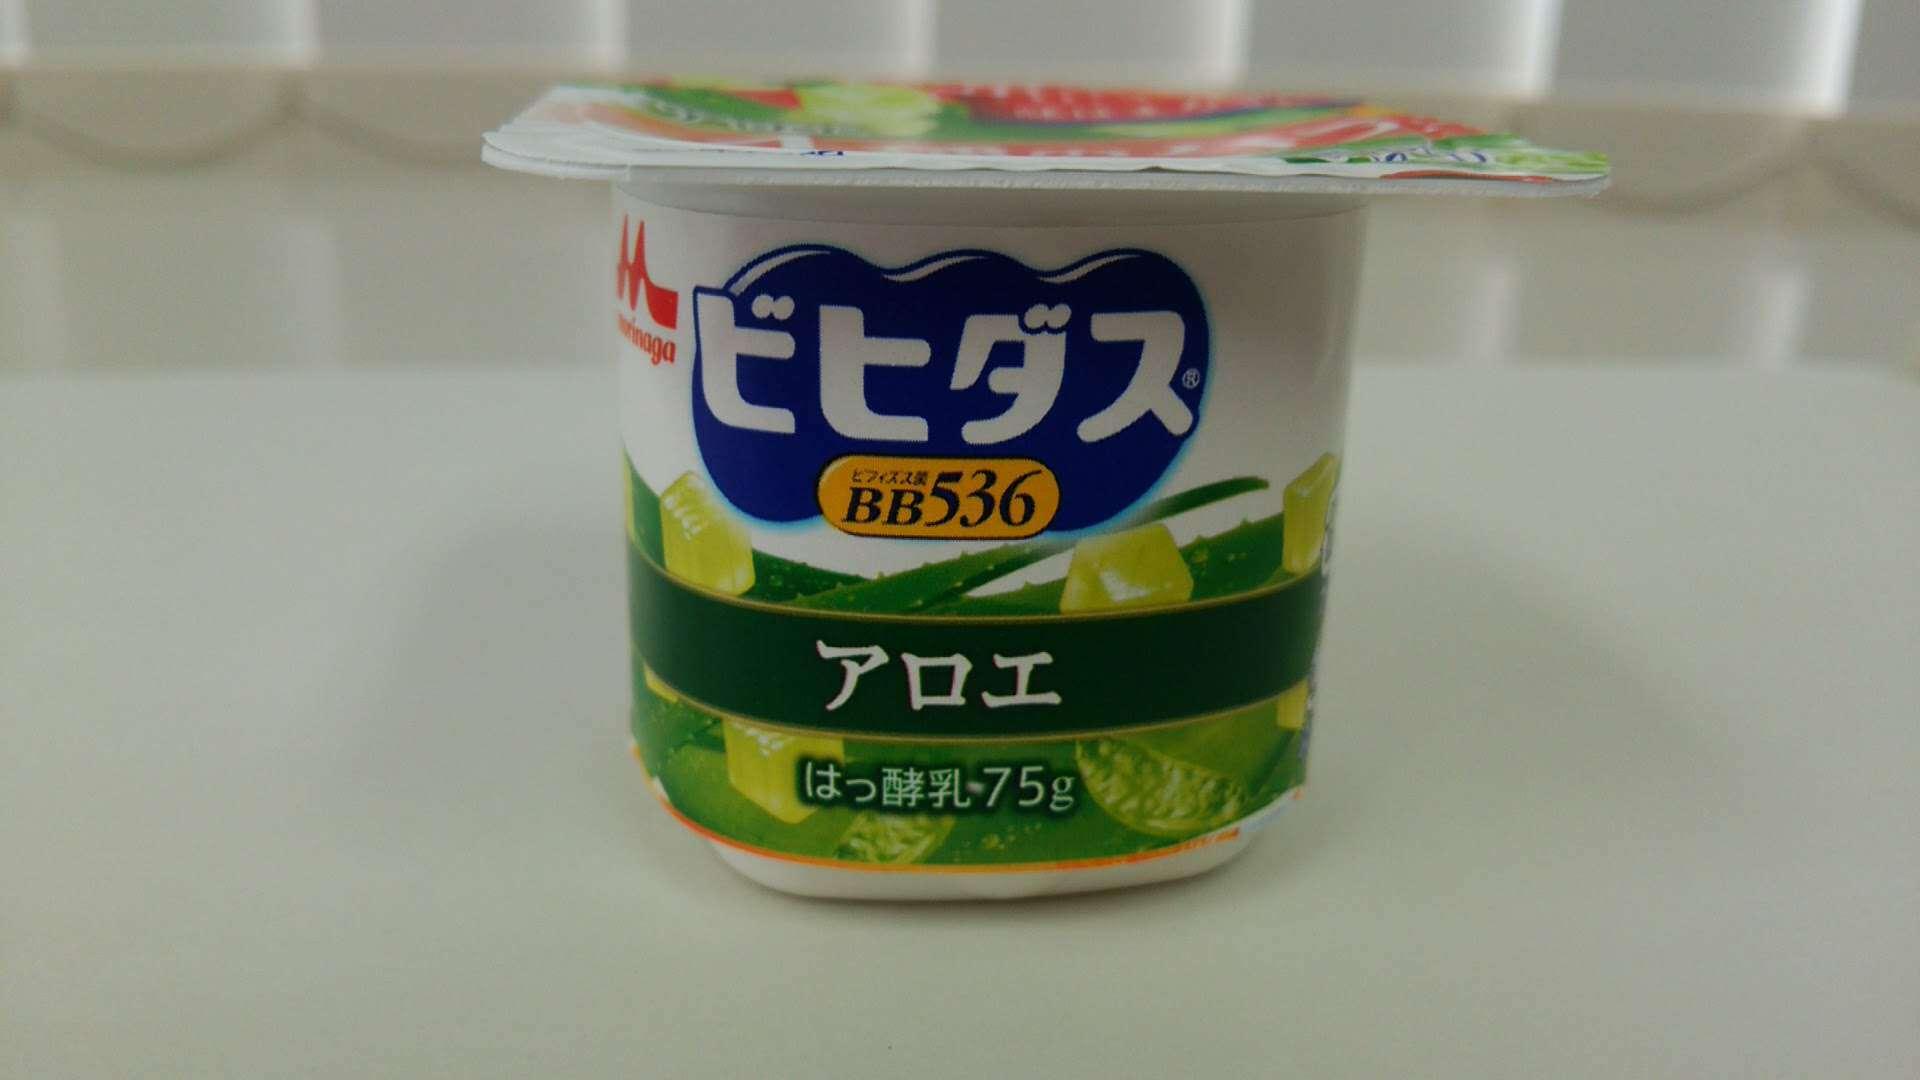 แพ็กเกจจิ้งญี่ปุ่น ฝาถ้วยโยเกิร์ต